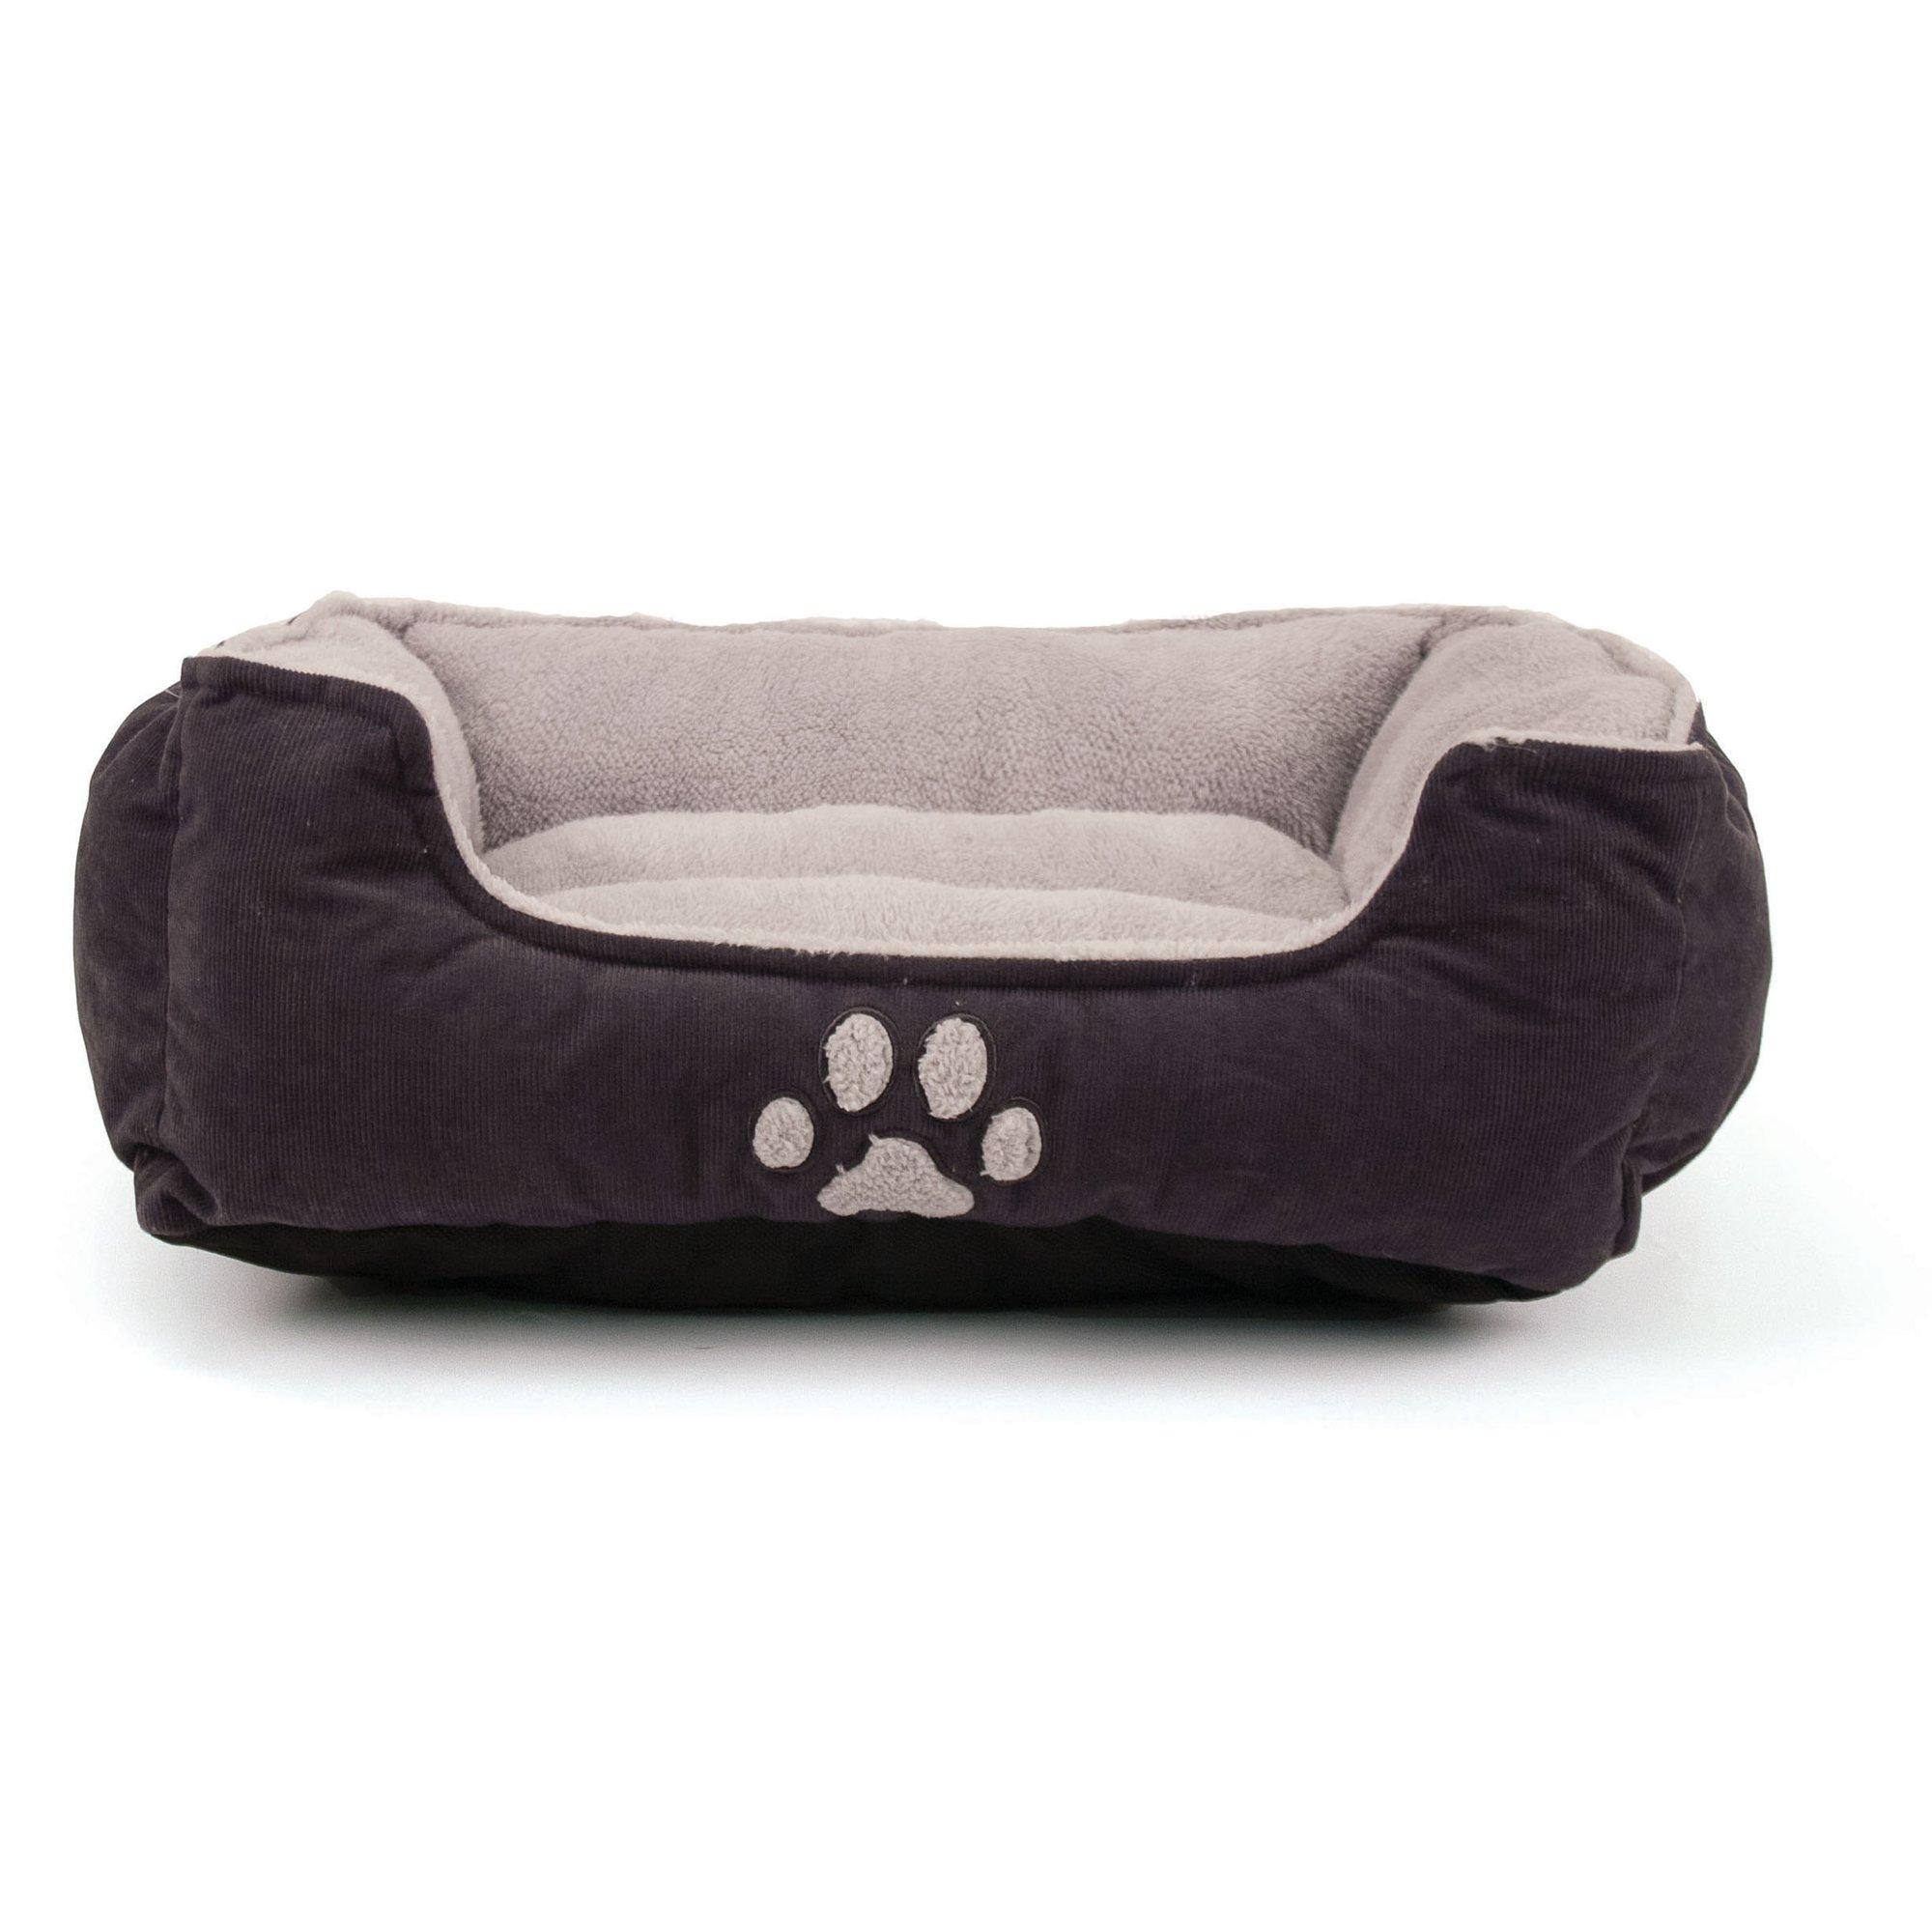 Dallas Manufacturing Purple Paw Print Cuddler Pet Bed